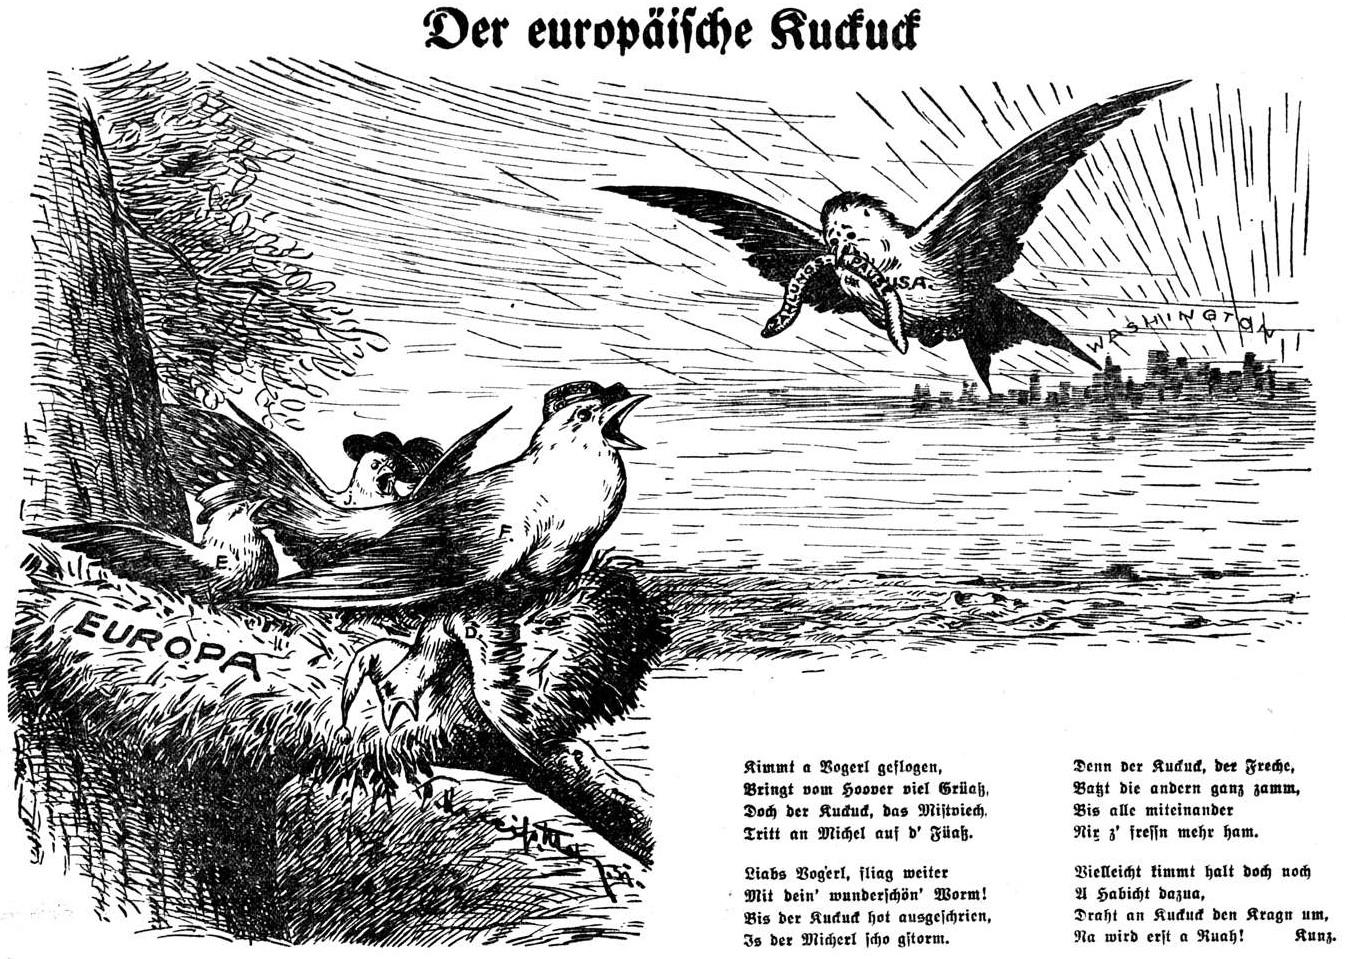 Bild: Der europäische Kuckuck (Hoover-Moratorium)